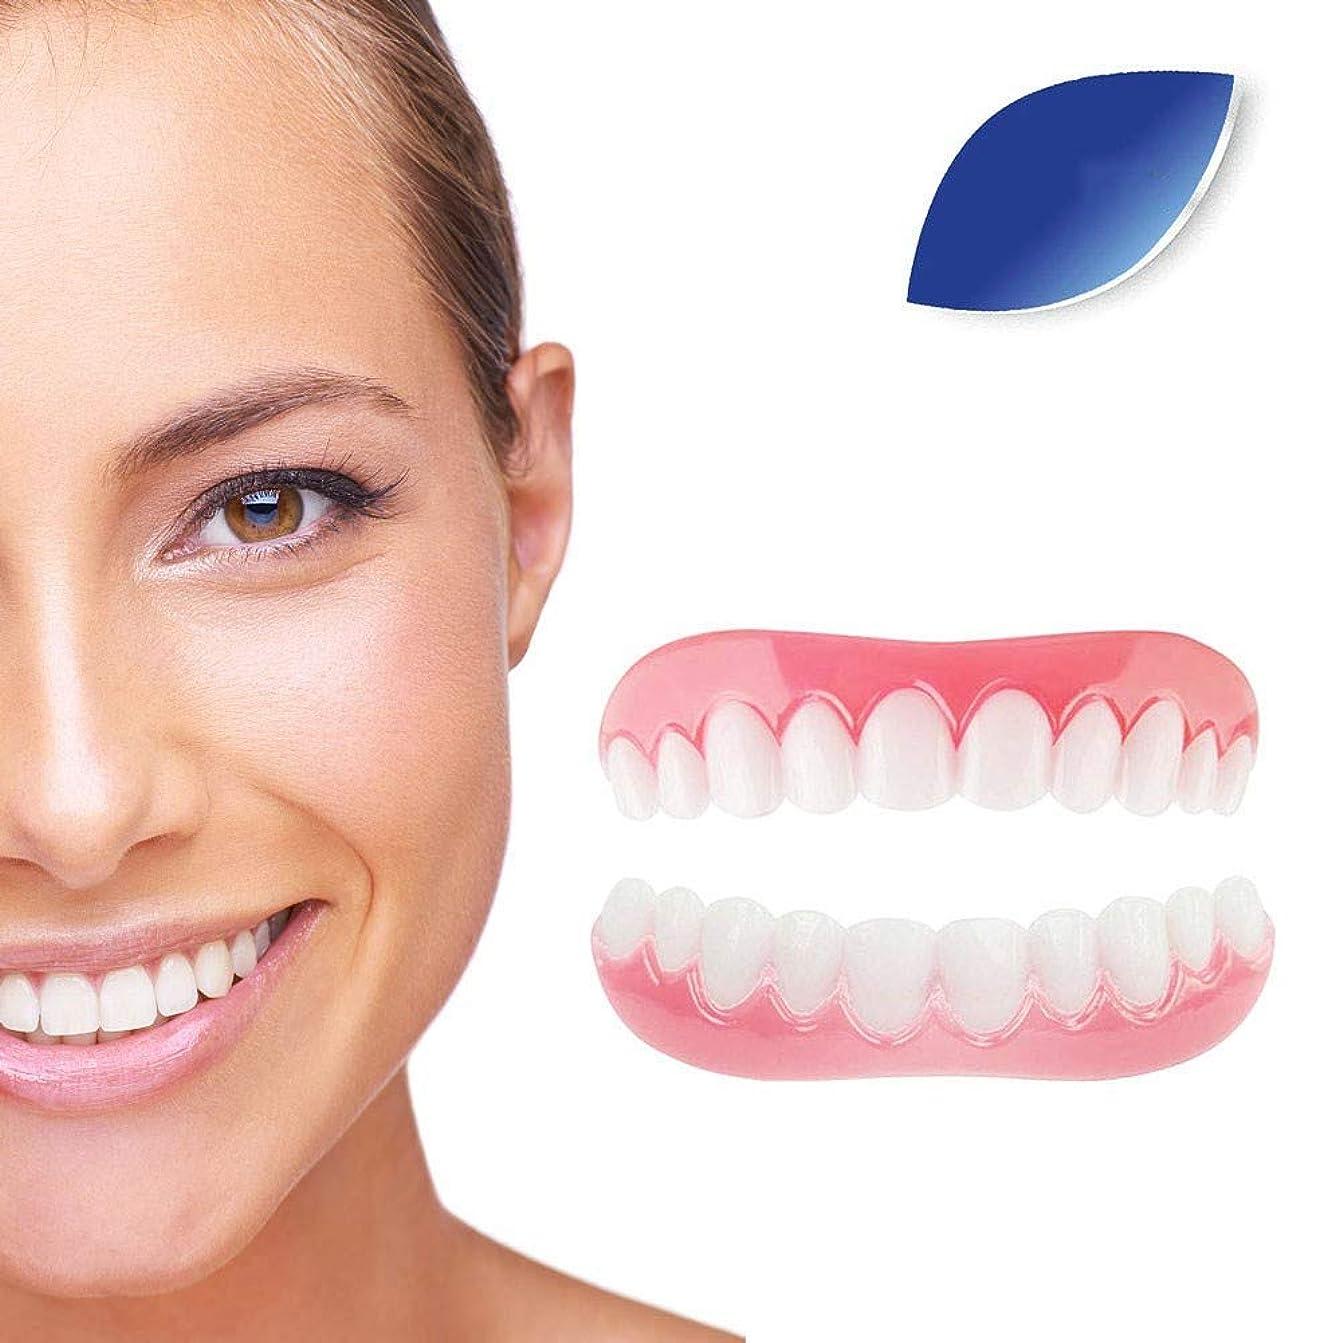 小石ロック解除極小インスタントブレースの歯のスナップキャップを白くする快適フィット義歯の上のベニヤの笑顔ワンサイズ最もフィットする(上と下用),6Pairs